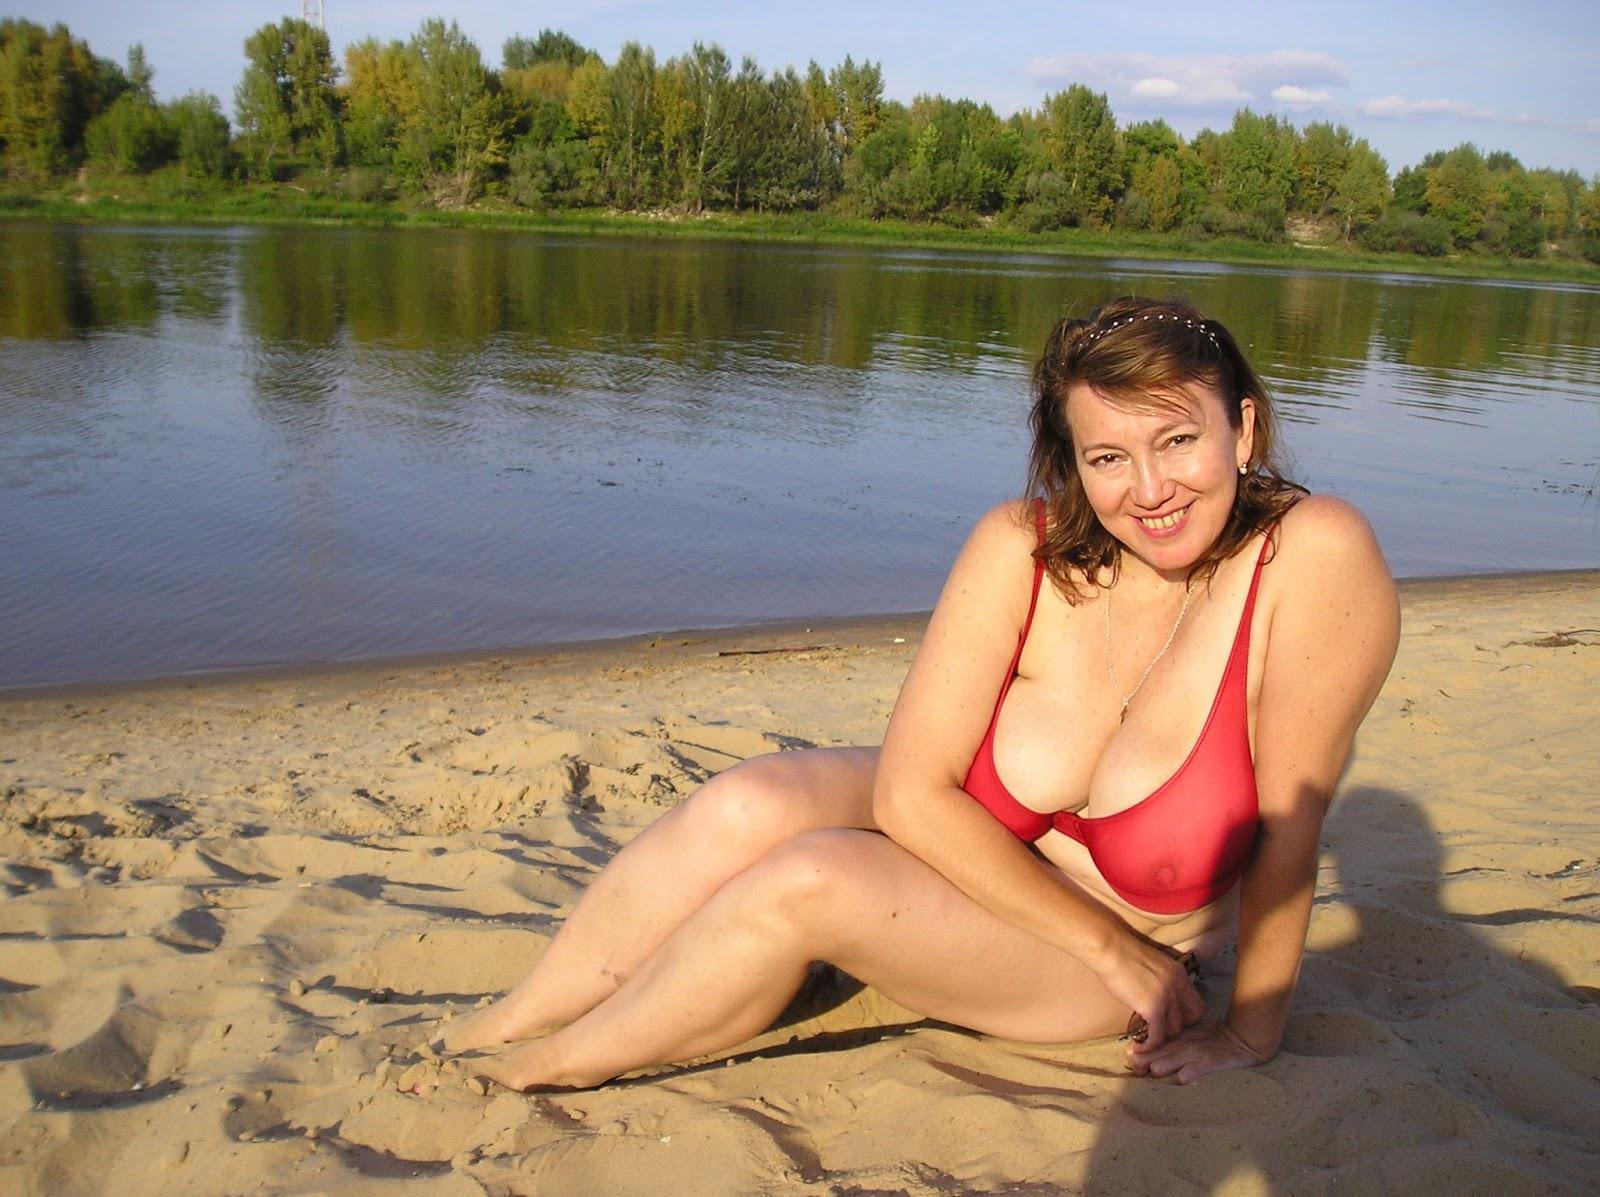 golie-zrelie-russkie-tetki